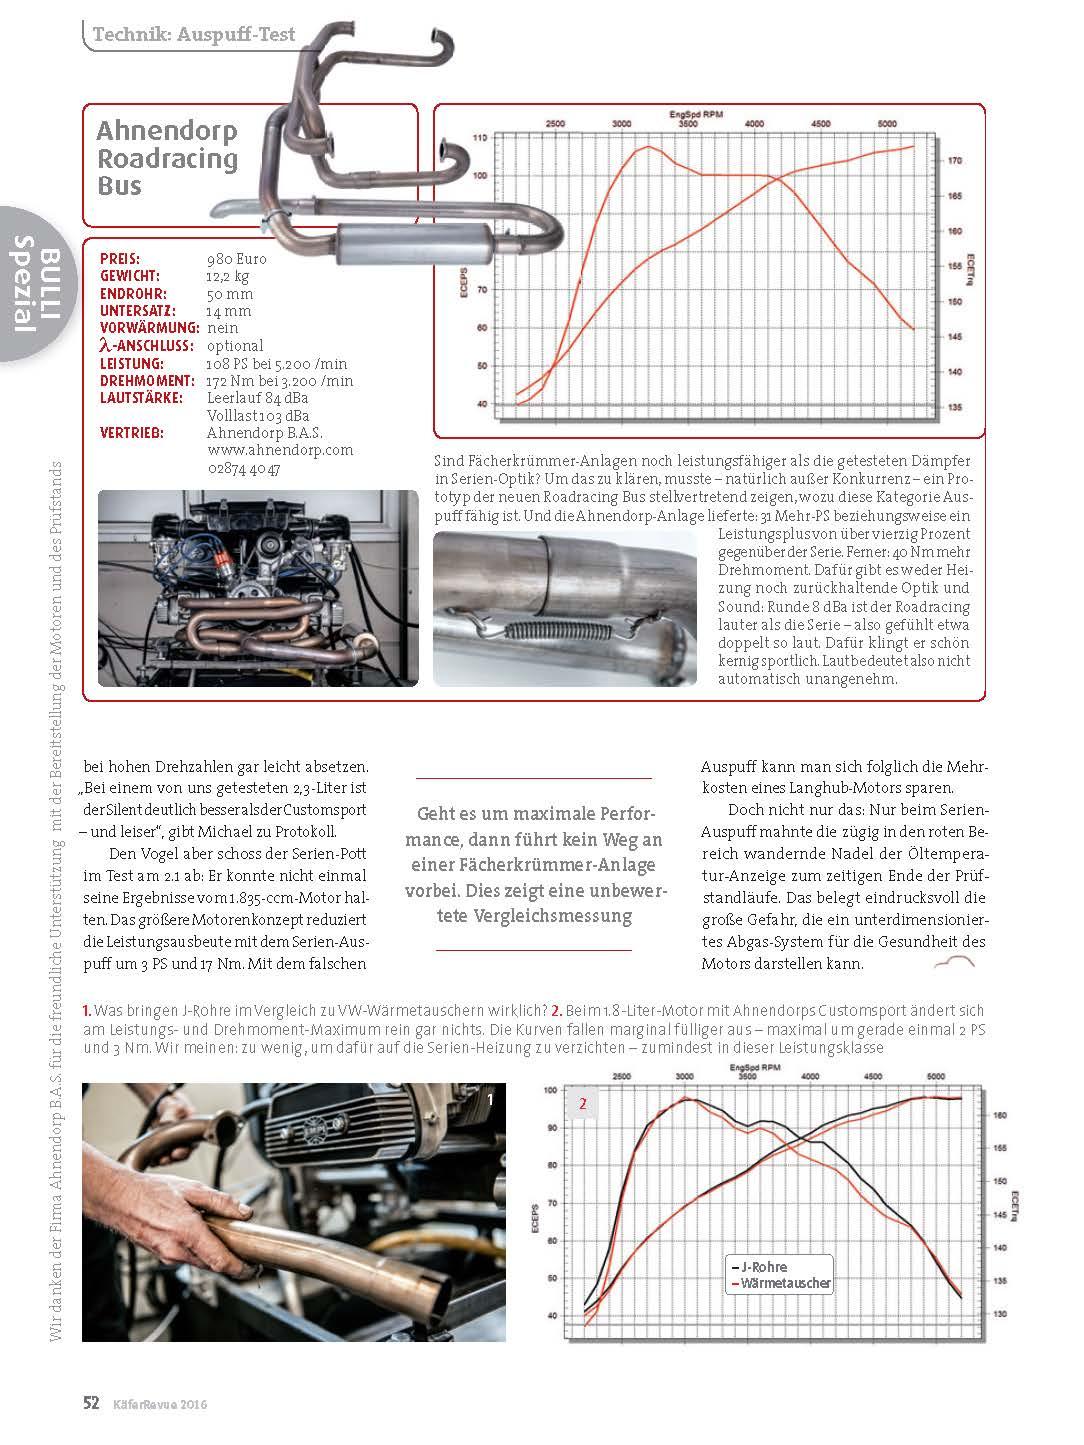 Ahnendorp Bas Pressemitteilungen Wasserboxer Engine Diagram Auspufftest Kfer Revue 1 2016 Vw Classic Sonderbericht Lsystem Boxermotoren